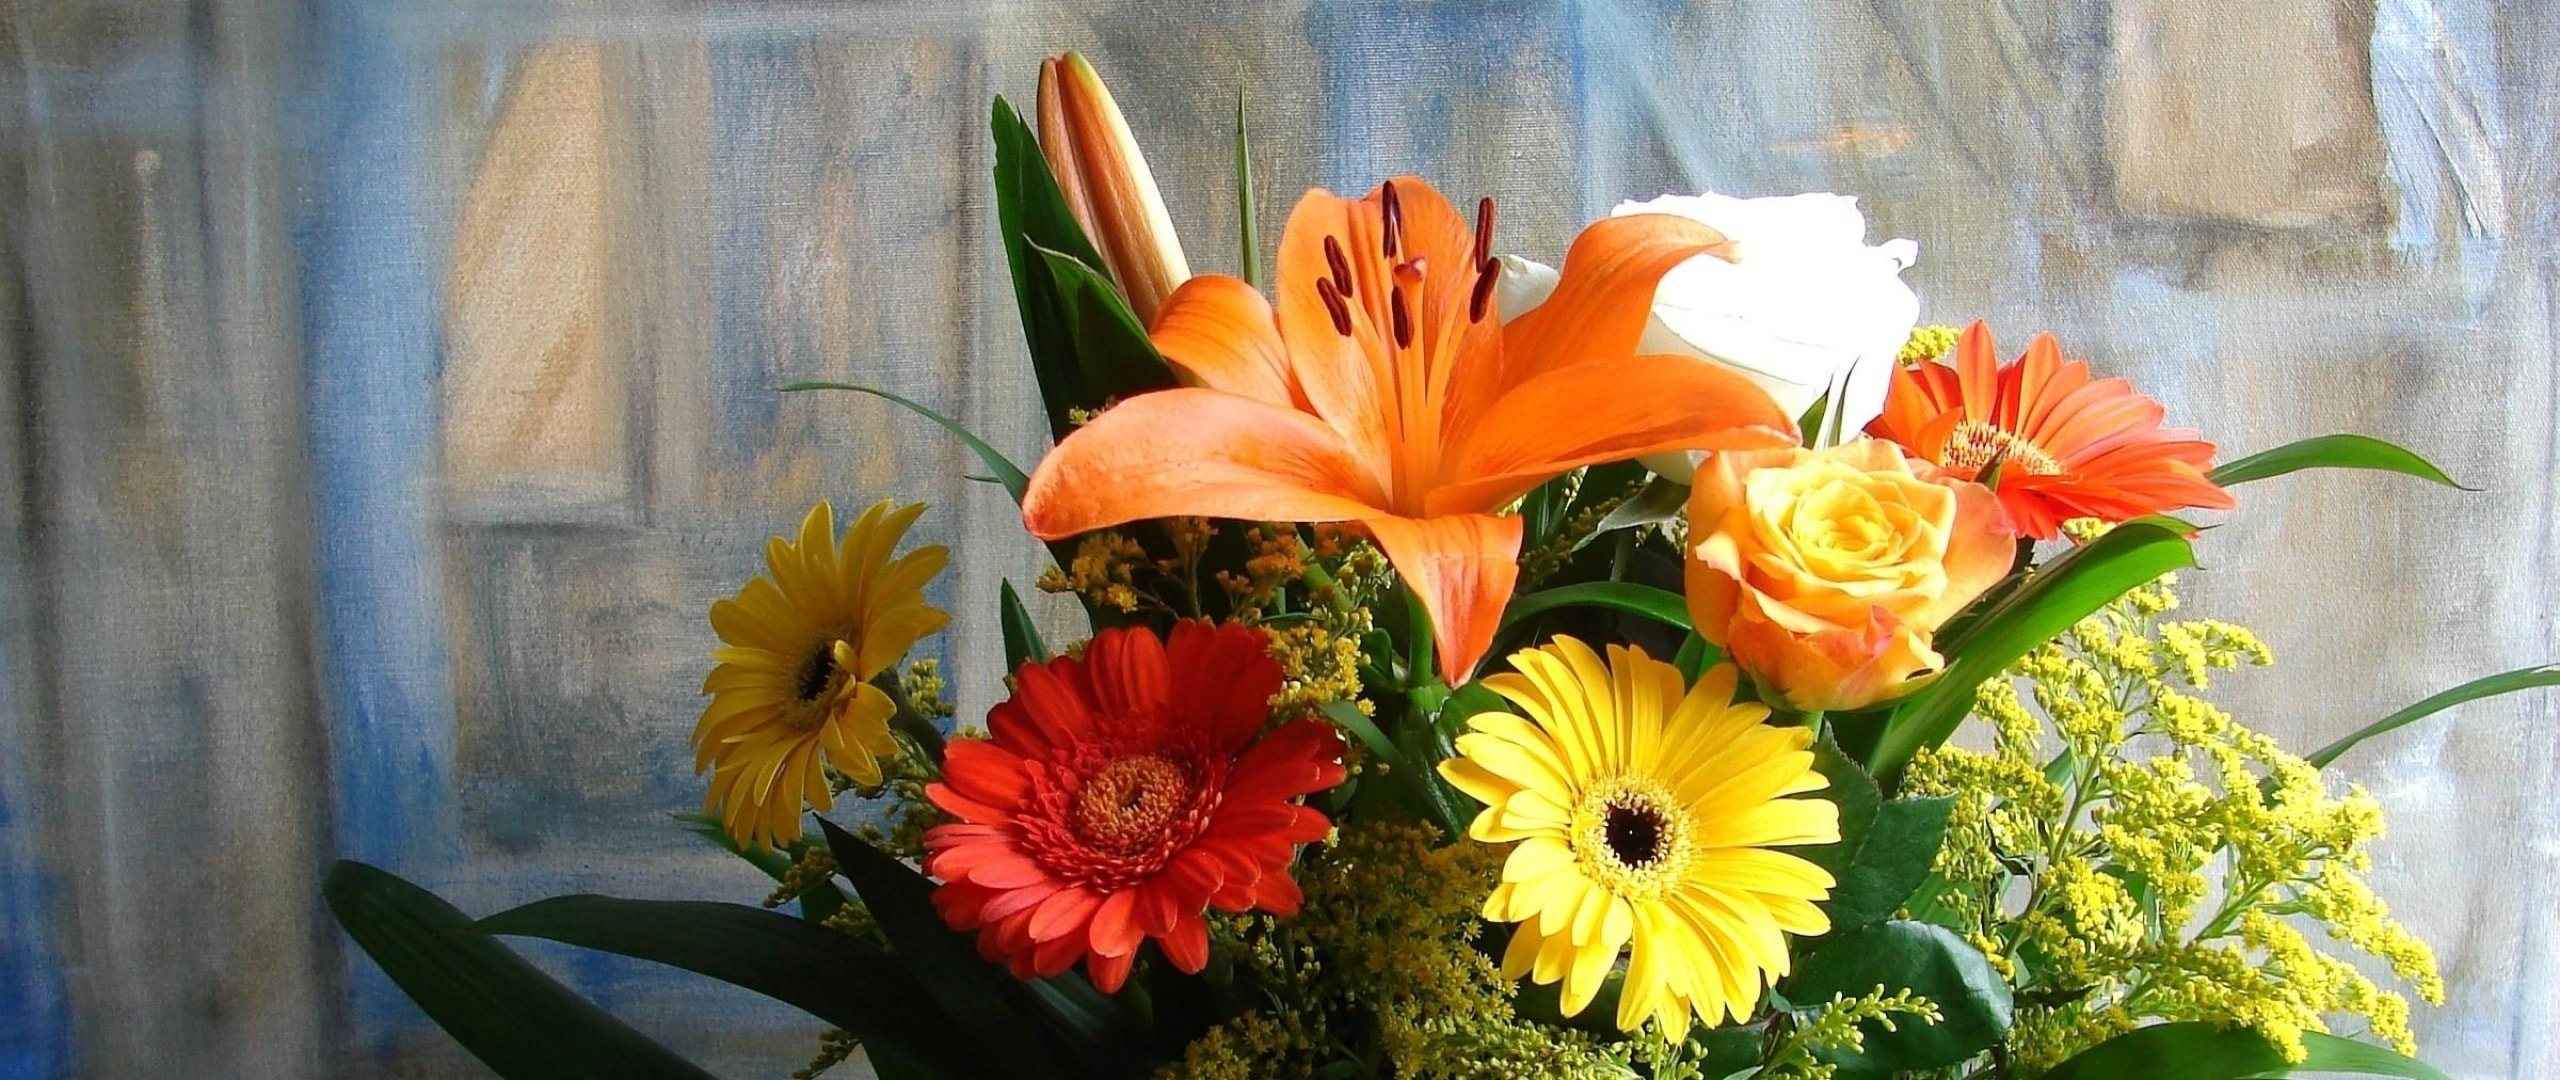 Bilder von schnen Blumenstruen 80 atemberaubende Fotos